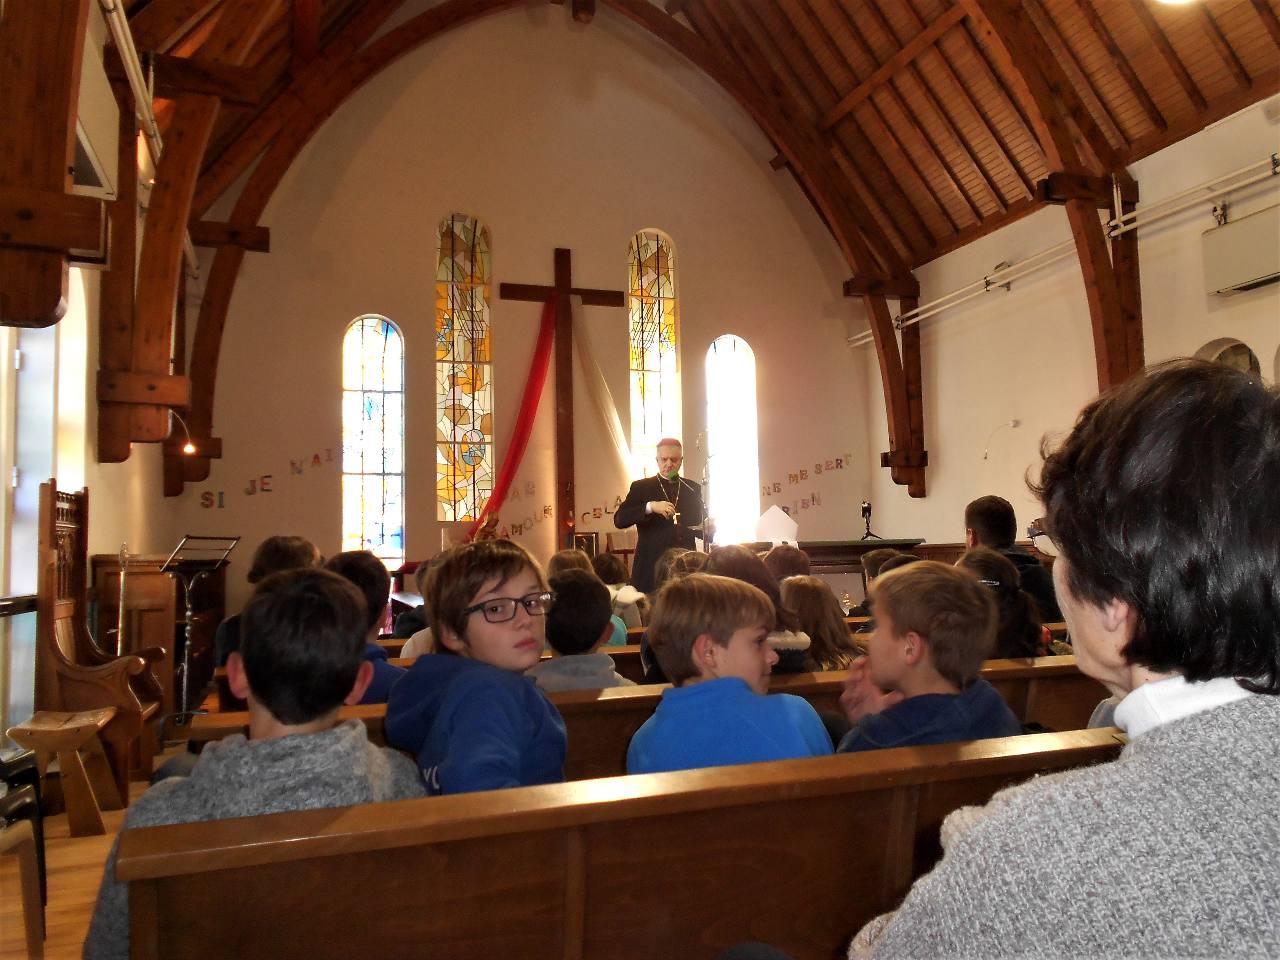 Rencontre avec Mgr Aillet qui a raconté aux enfants le cheminement de sa vocation